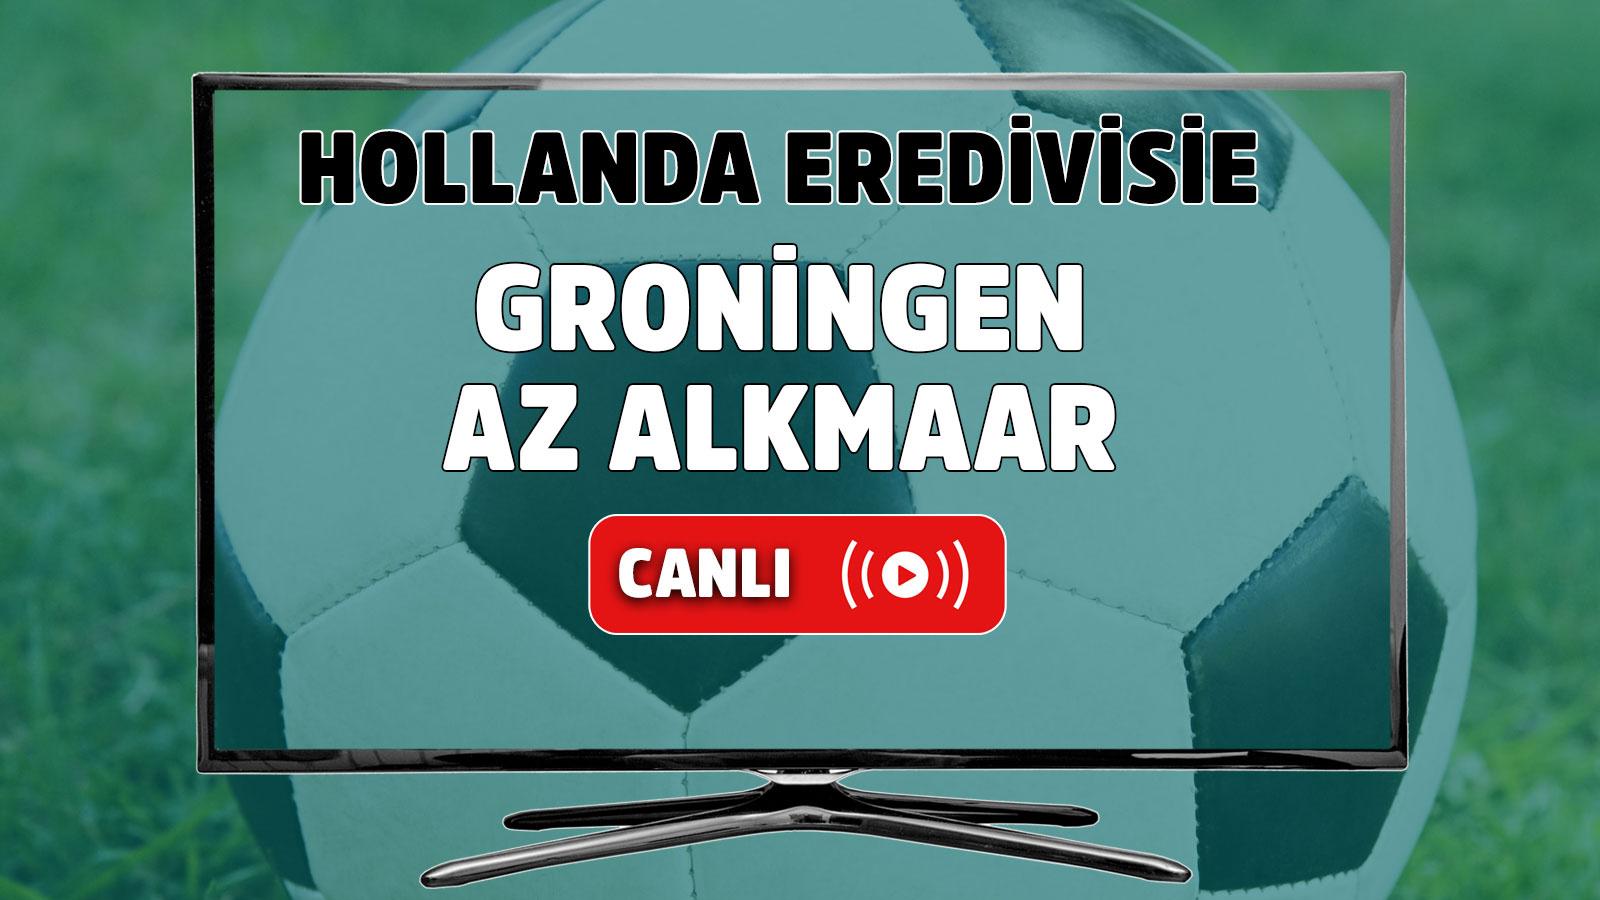 Groningen-AZ Alkmaar Canlı maç izle